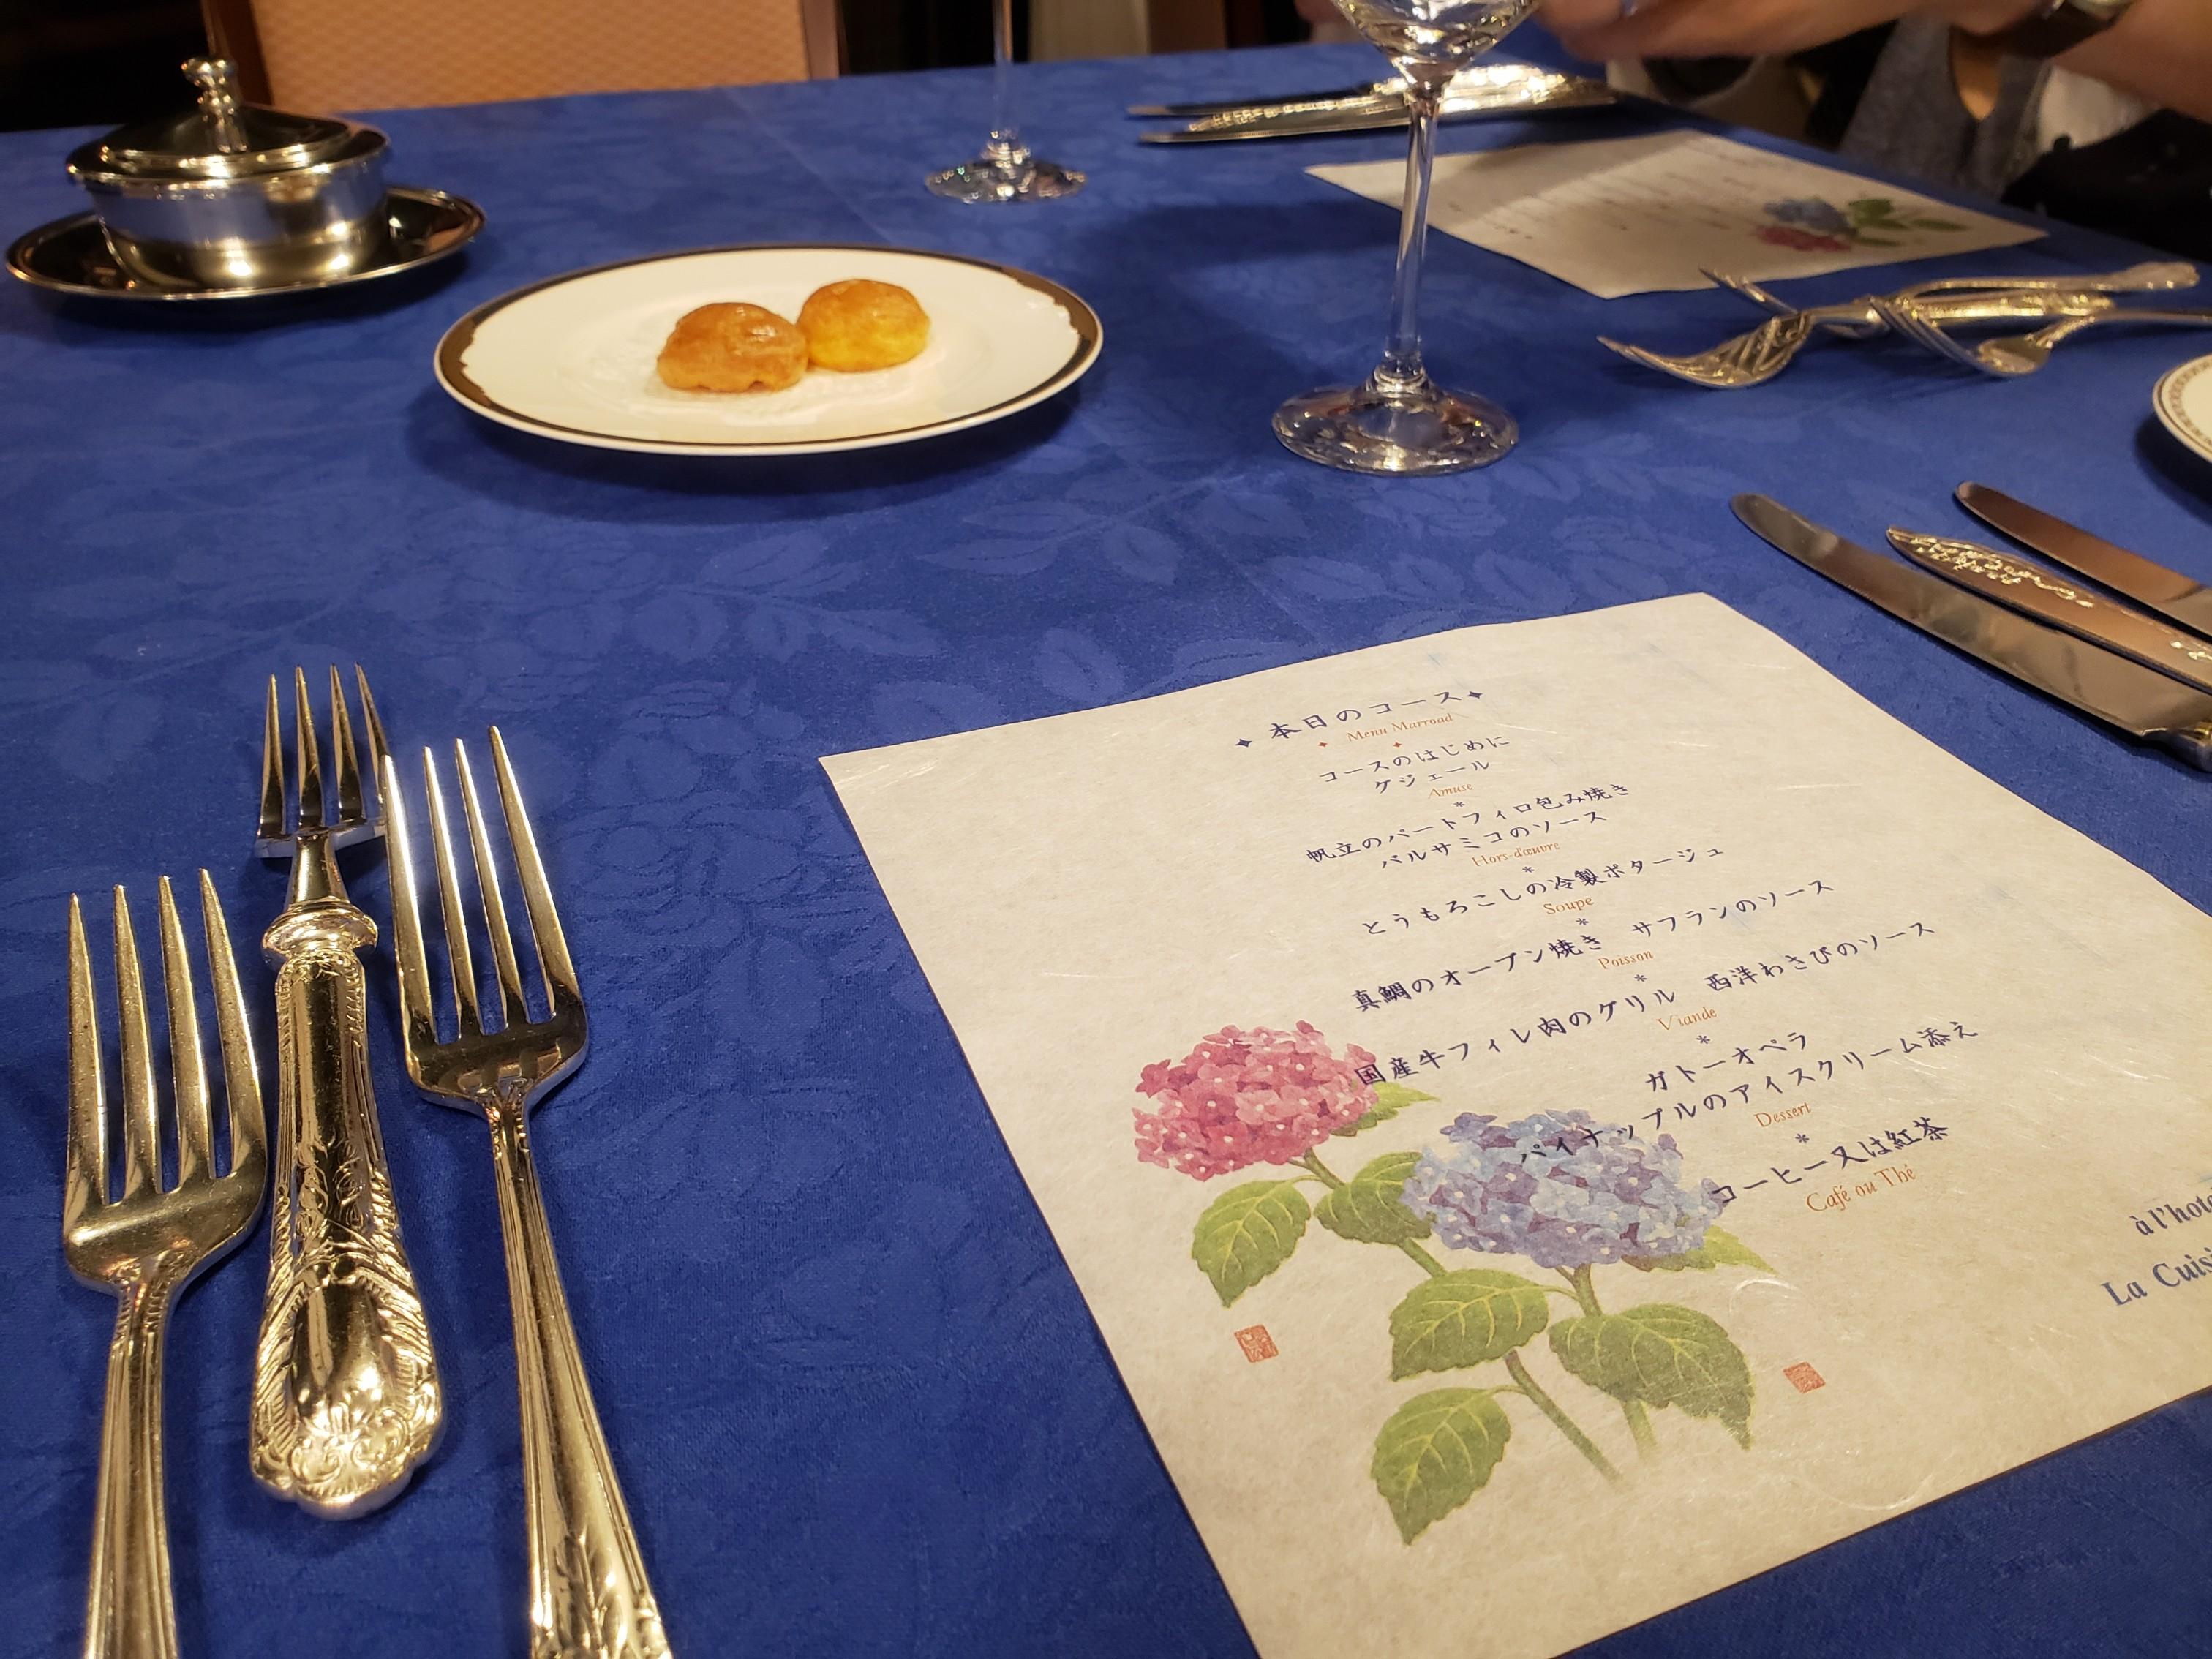 【箱根旅行】雨でも楽しめる!お手軽!1泊2日の温泉と美味しいものとキラキラな旅☆_2